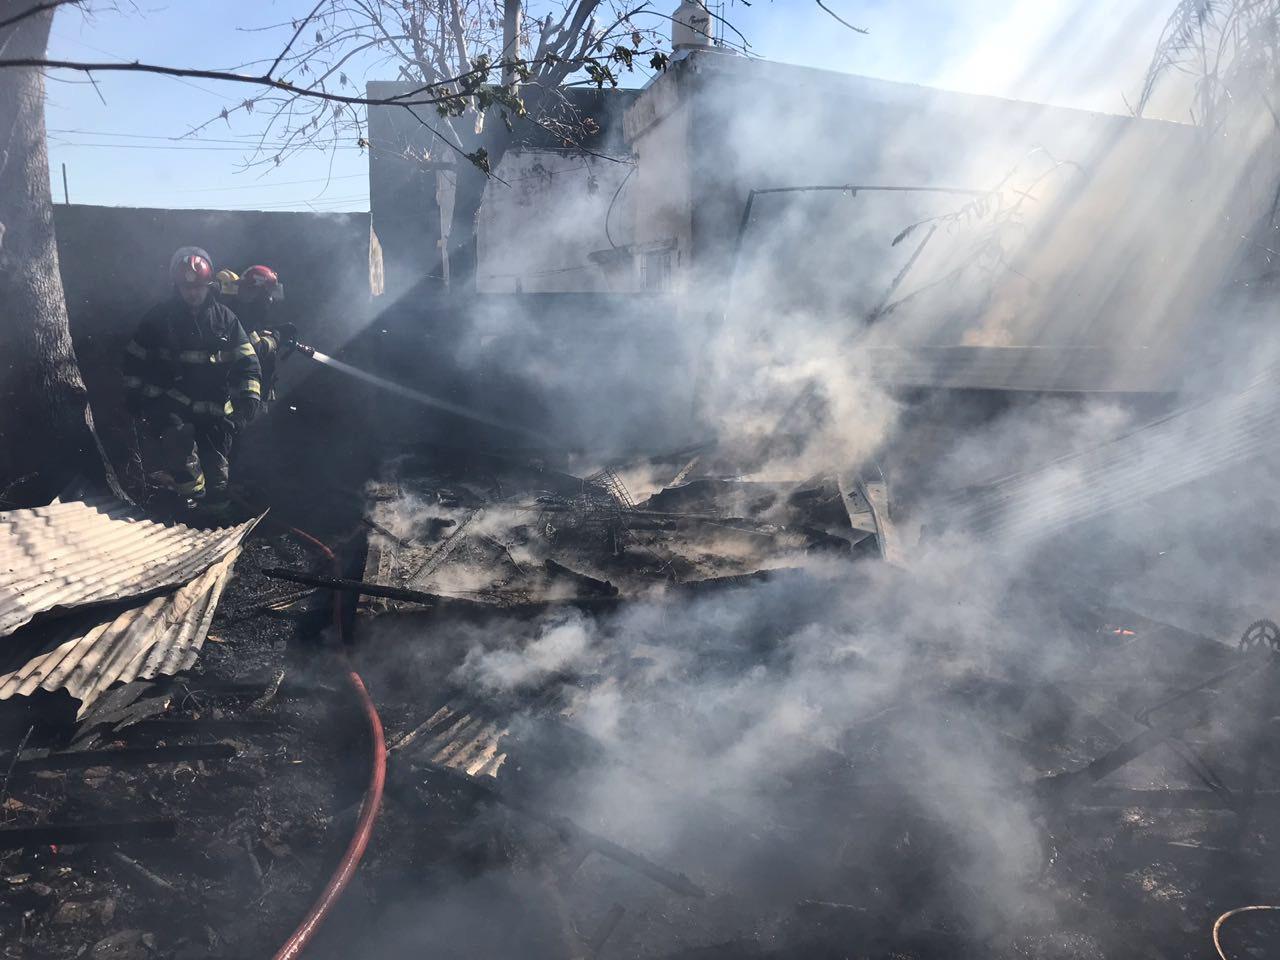 Este miércoles, en horas de la mañana, se produjo un incendio en un galpón de la calle 13 entre 159 y 160.